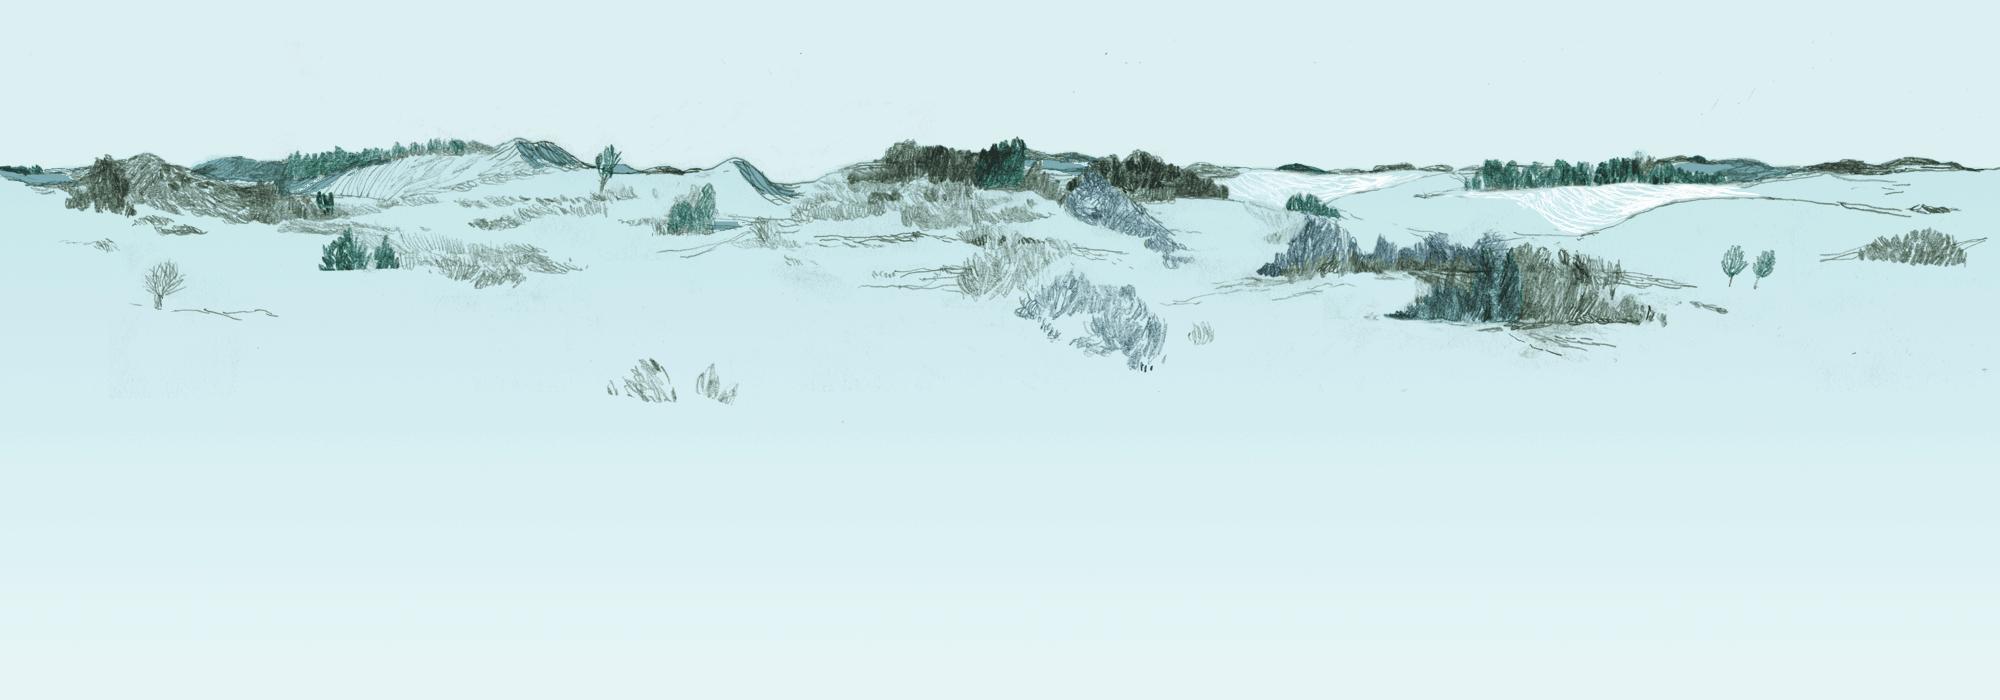 Hintergrund-winter